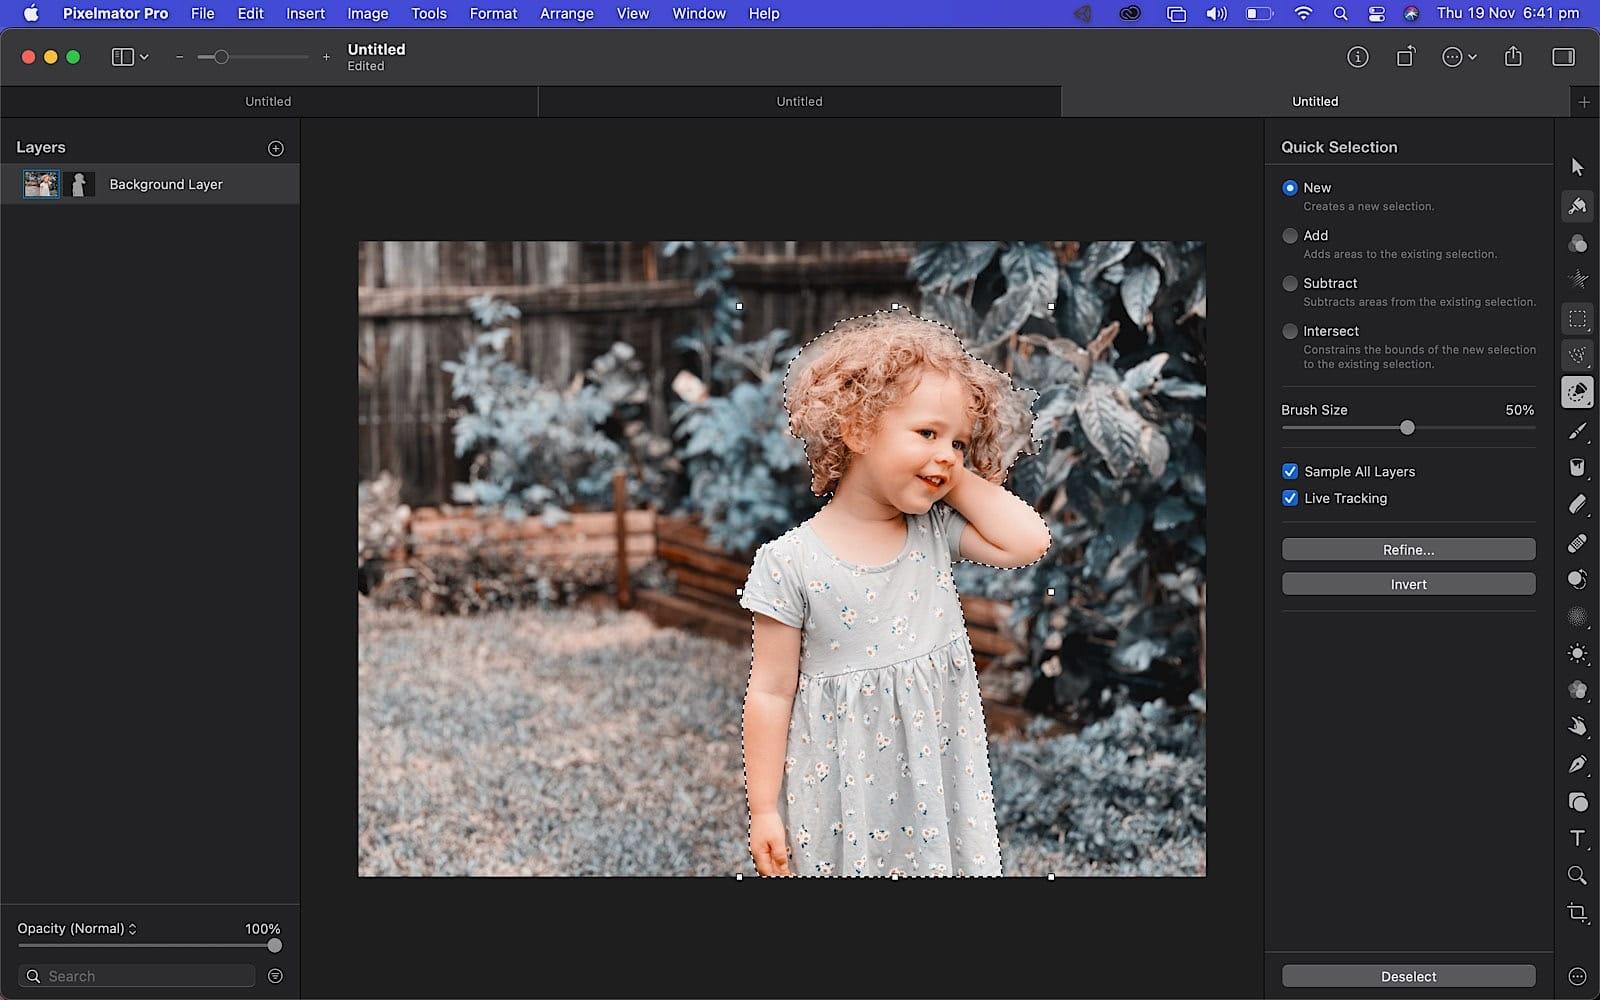 Pixelmator on the M1 MacBook Pro